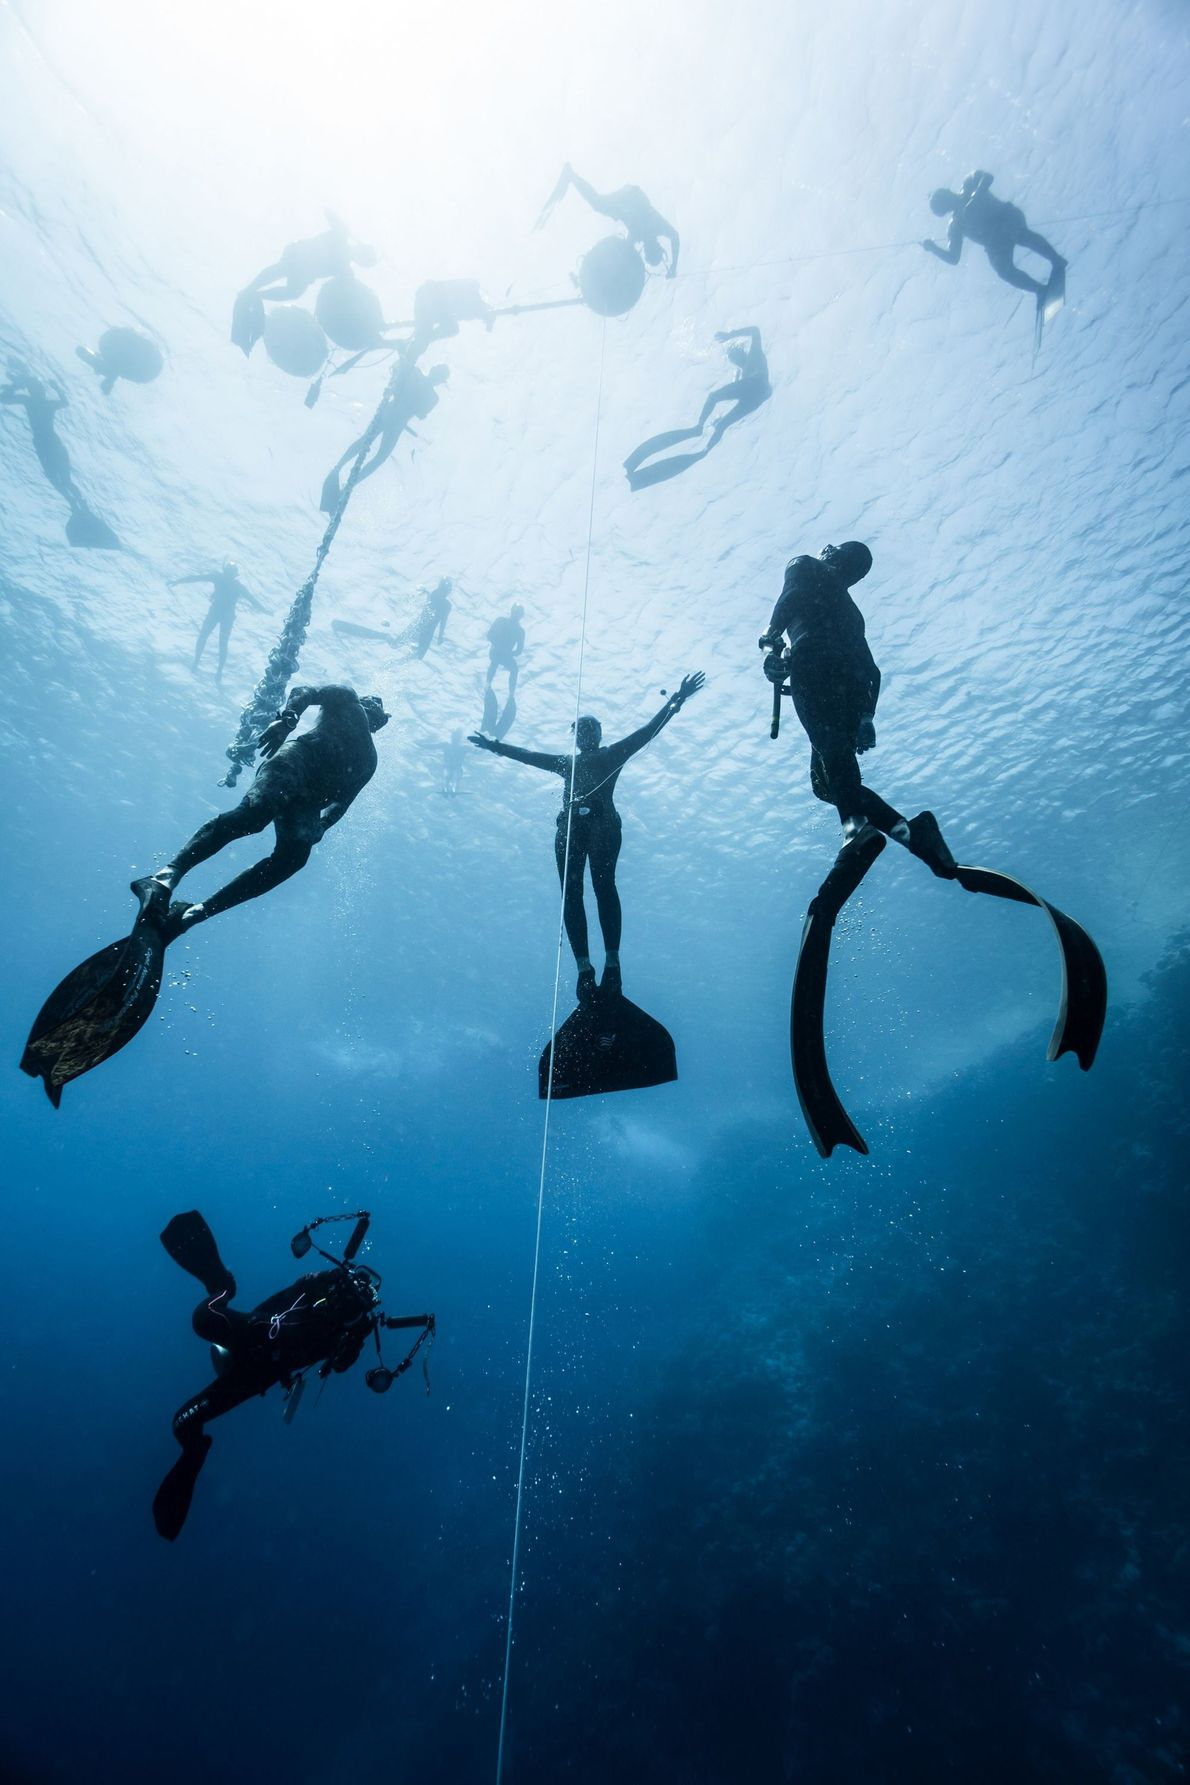 DAHAB A cidade turística do Mar Vermelho, Dahab, é famosa por seus locais de mergulho. Nesta imagem, ...